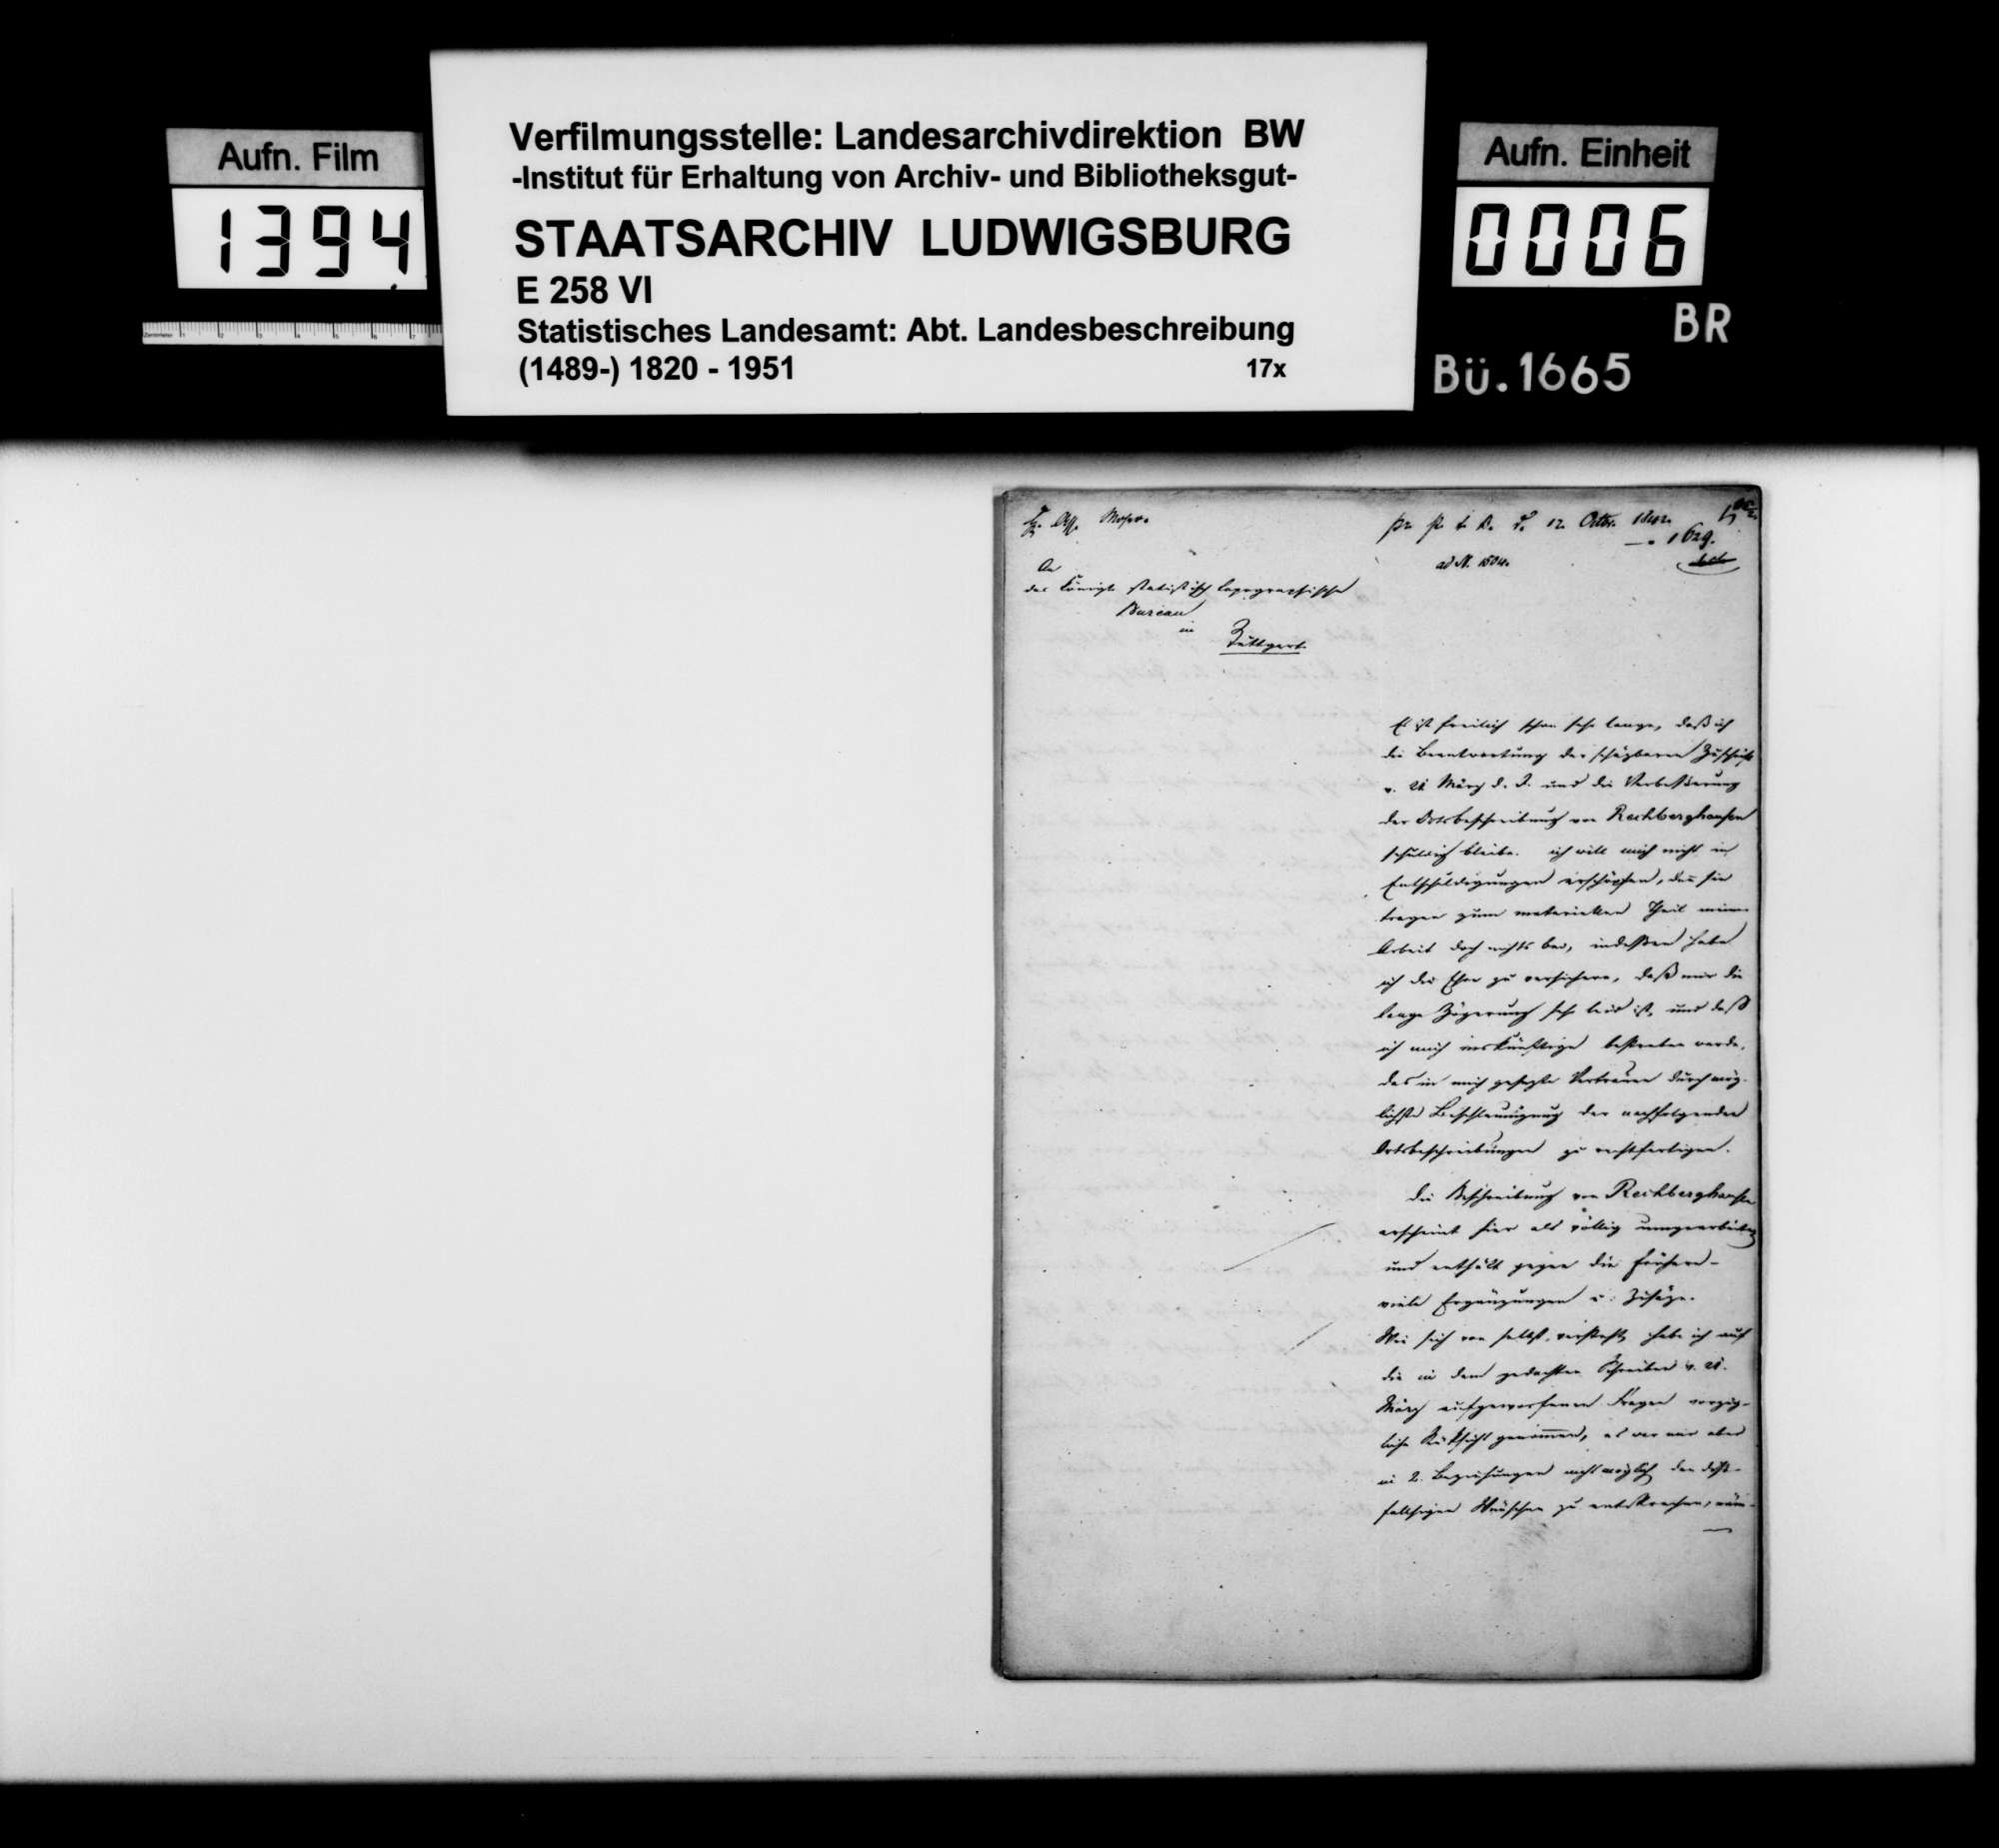 Beschreibung von Rechberghausen durch Rentamtmann Magenau aus Eybach, Bild 1